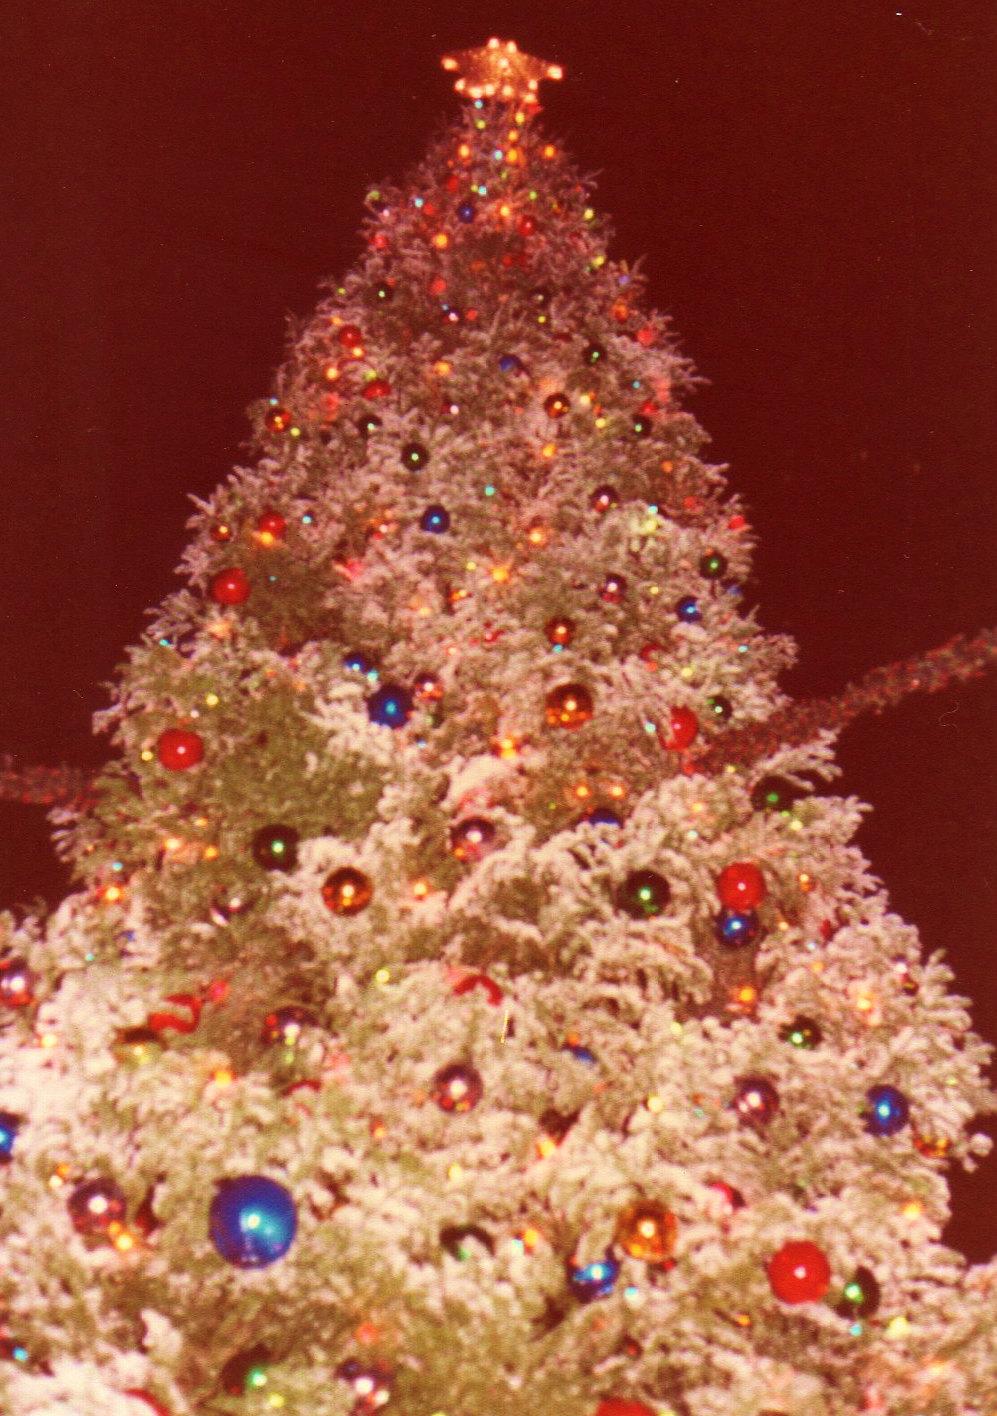 ディズニーランドクリスマスパレード②(1983年12月)